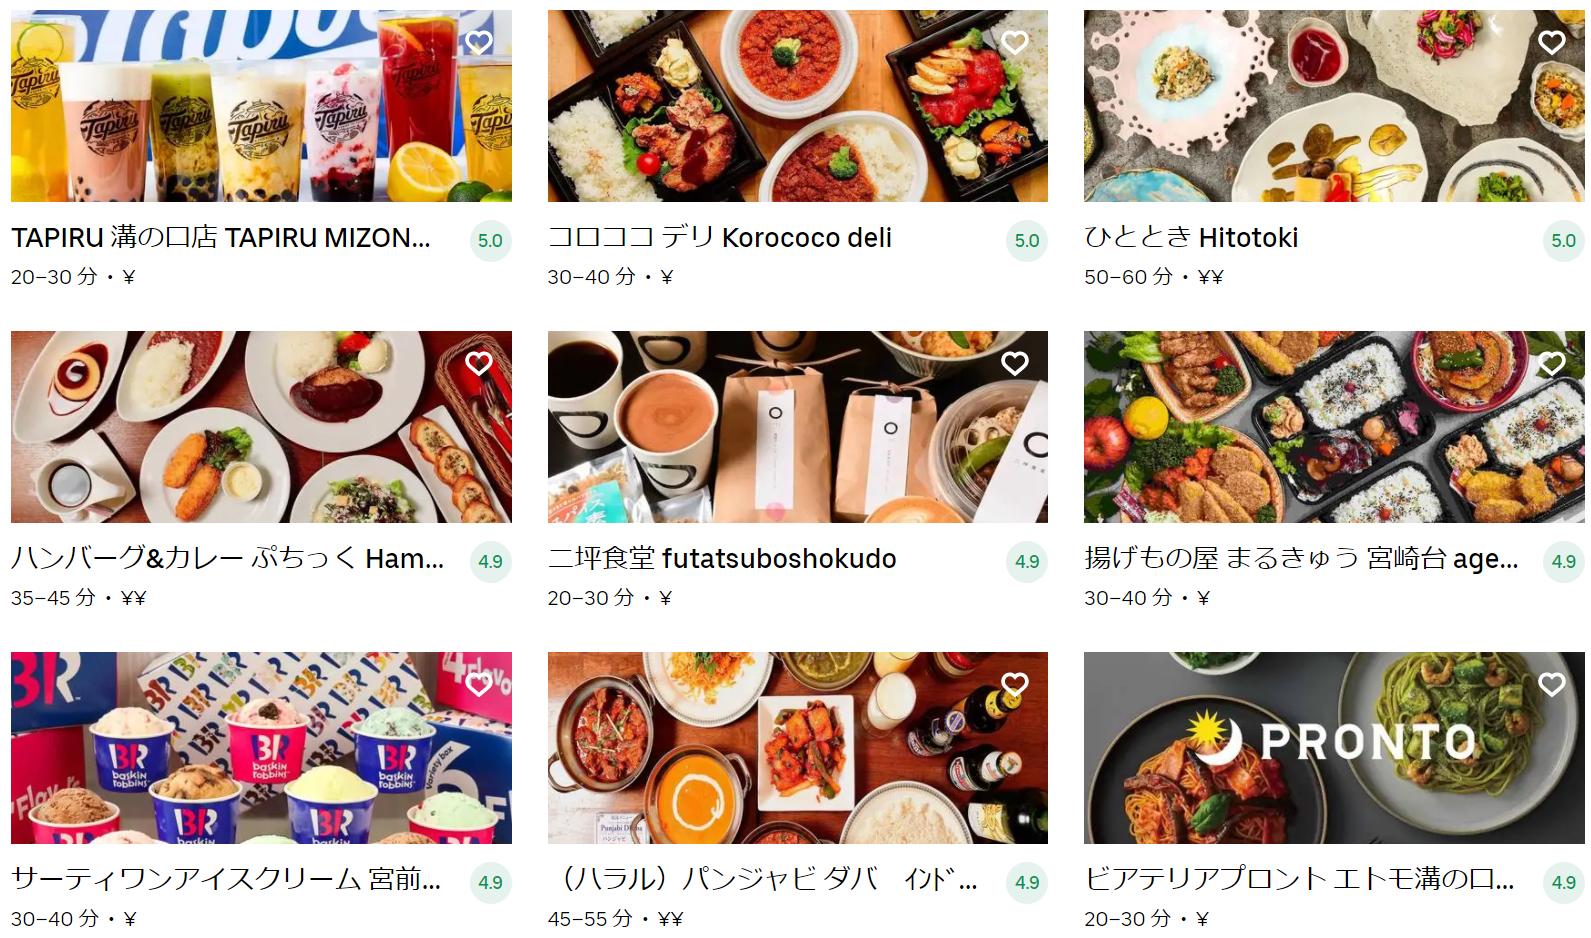 高津区エリアのおすすめUber Eats(ウーバーイーツ)メニュー